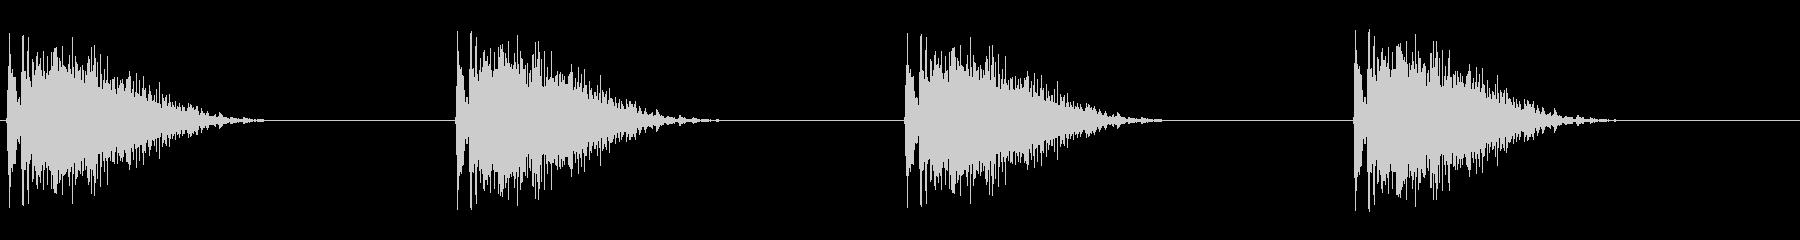 ギーッ…ギーッ…(床がきしむ音、つり橋)の未再生の波形